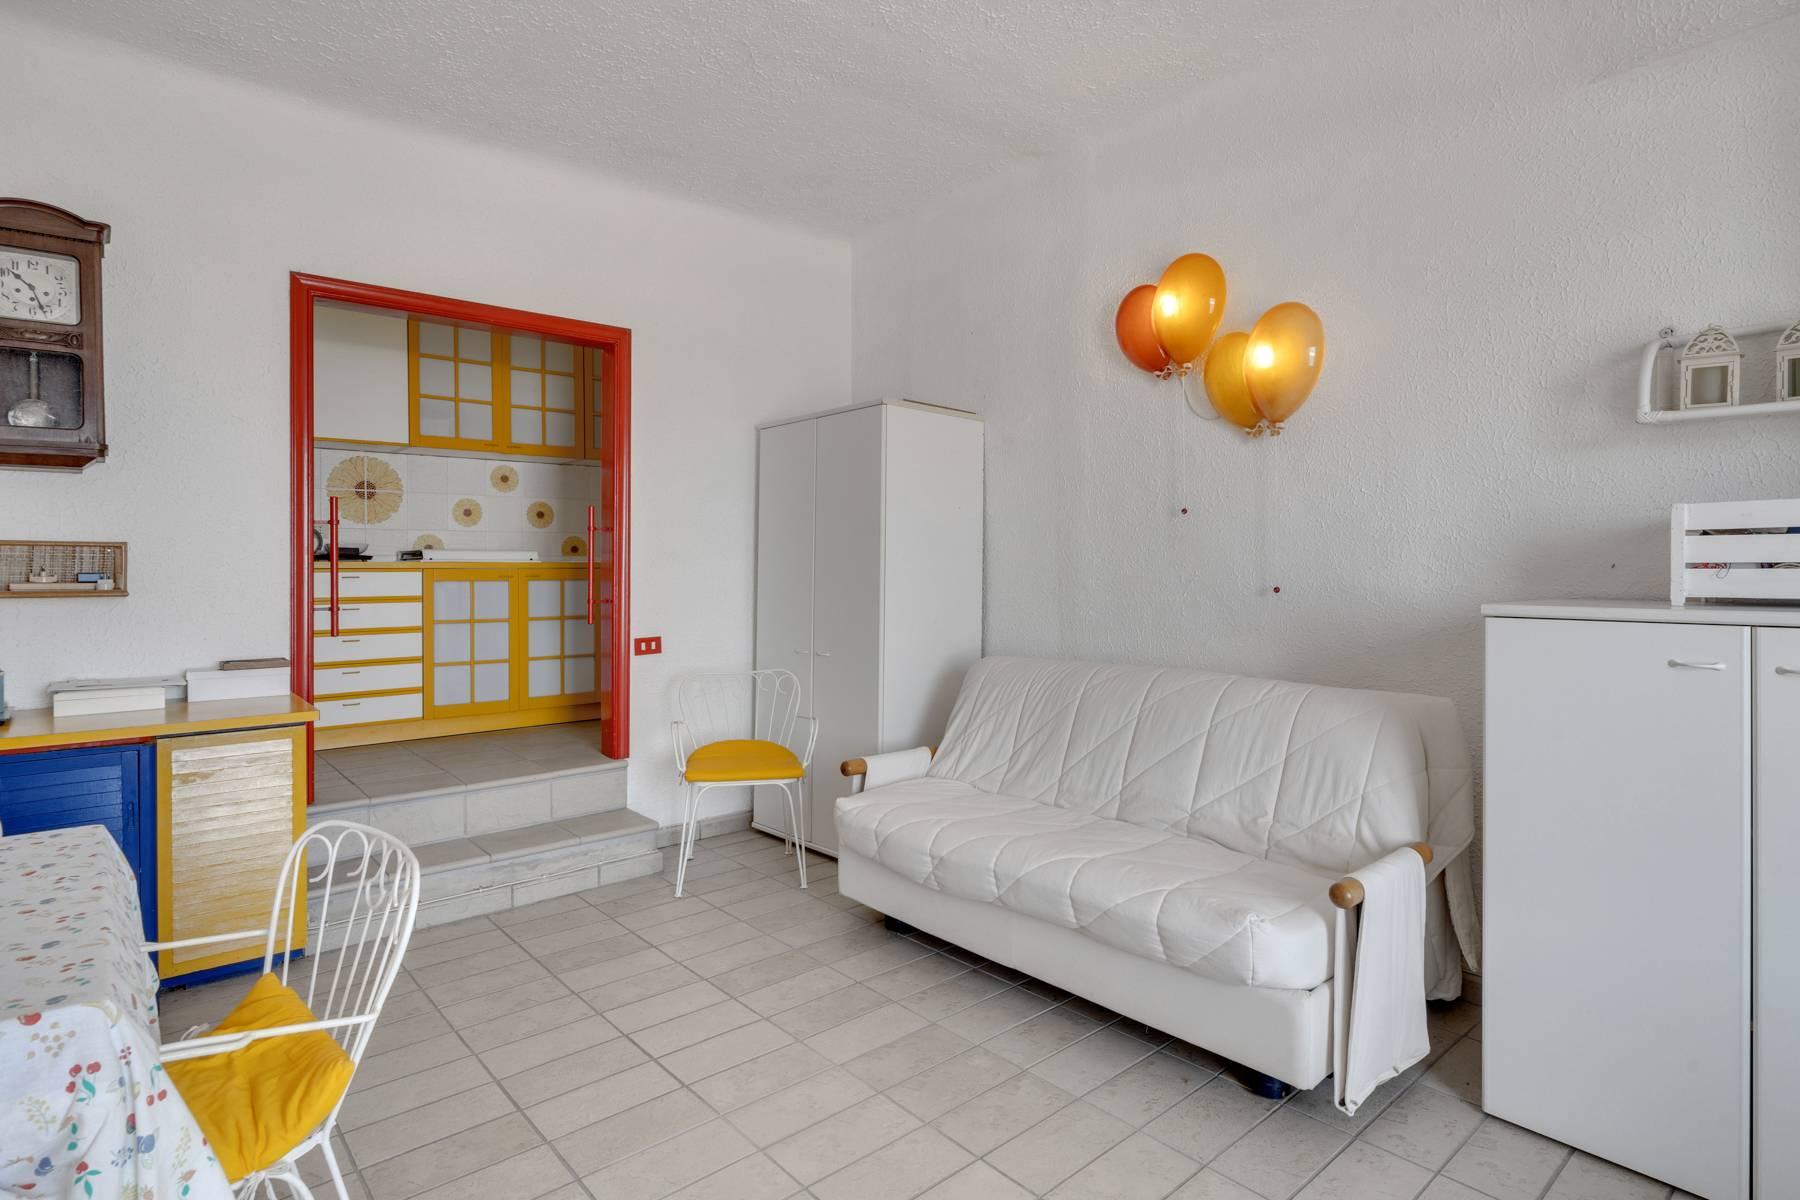 Casa indipendente in Vendita a Alassio: 5 locali, 230 mq - Foto 20